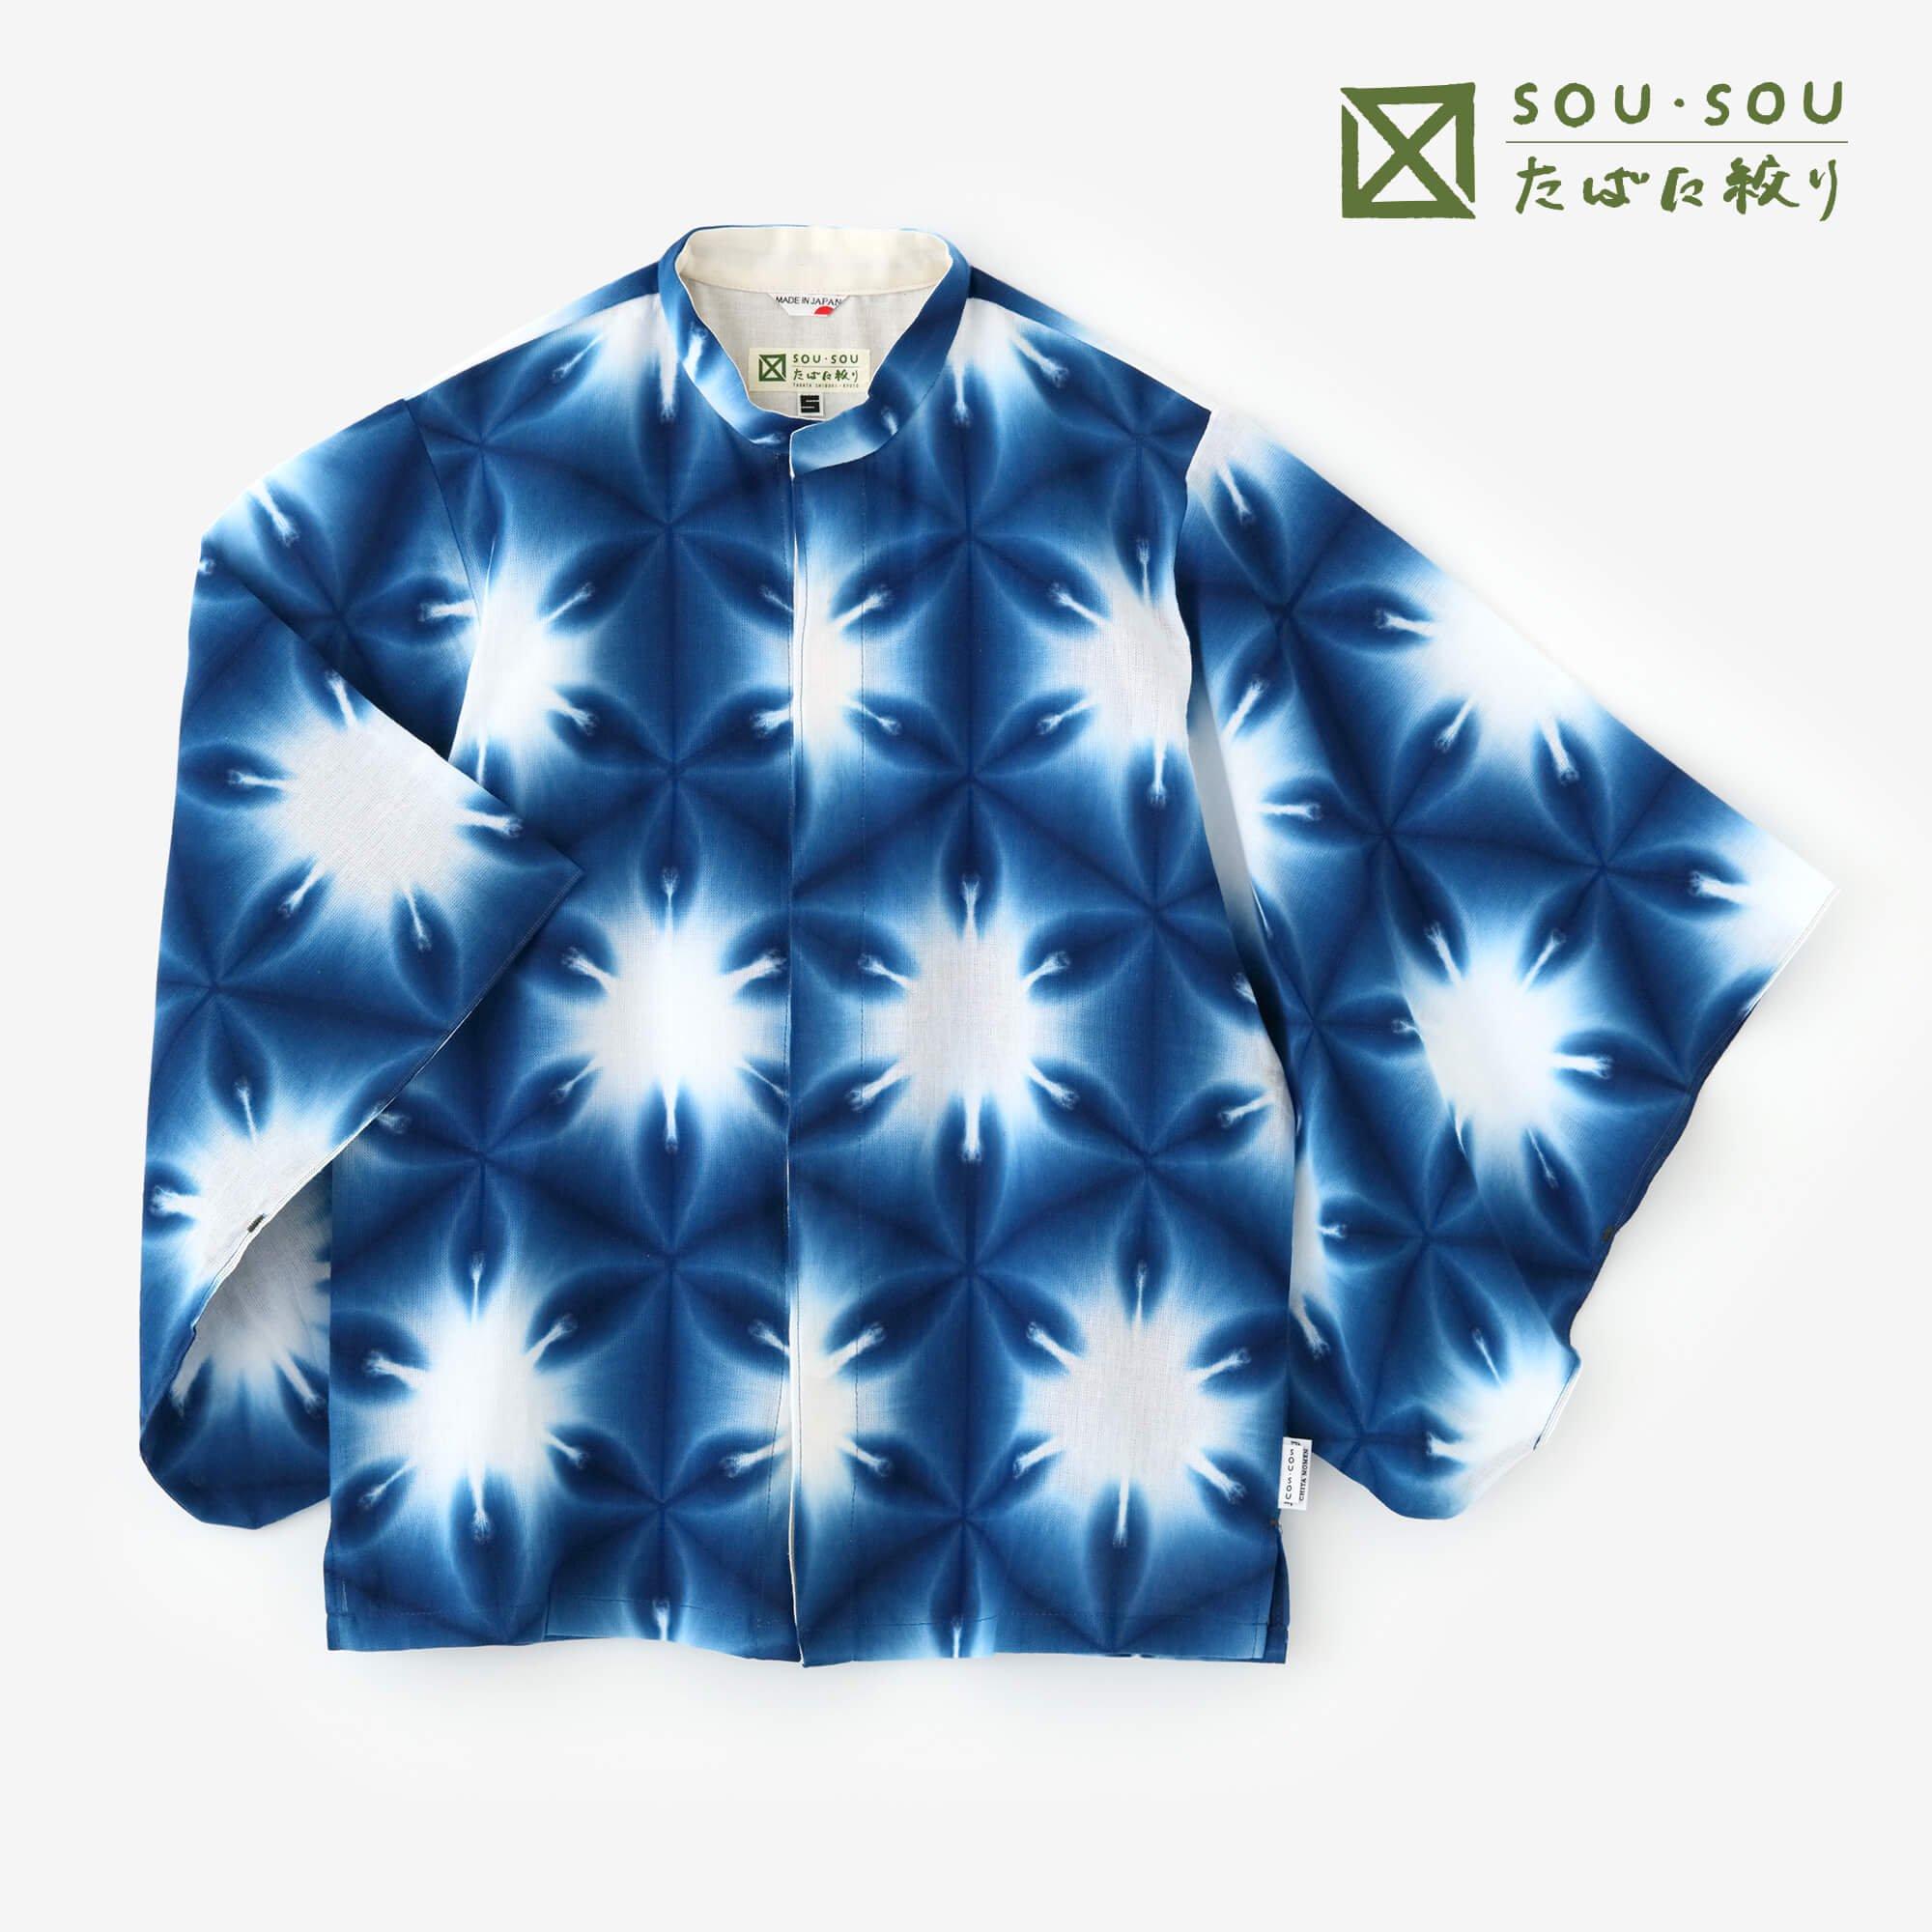 たばた絞り 知多木綿 文 草衣 上(そうい うえ)/雪花 瑠璃紺(せっか るりこん)